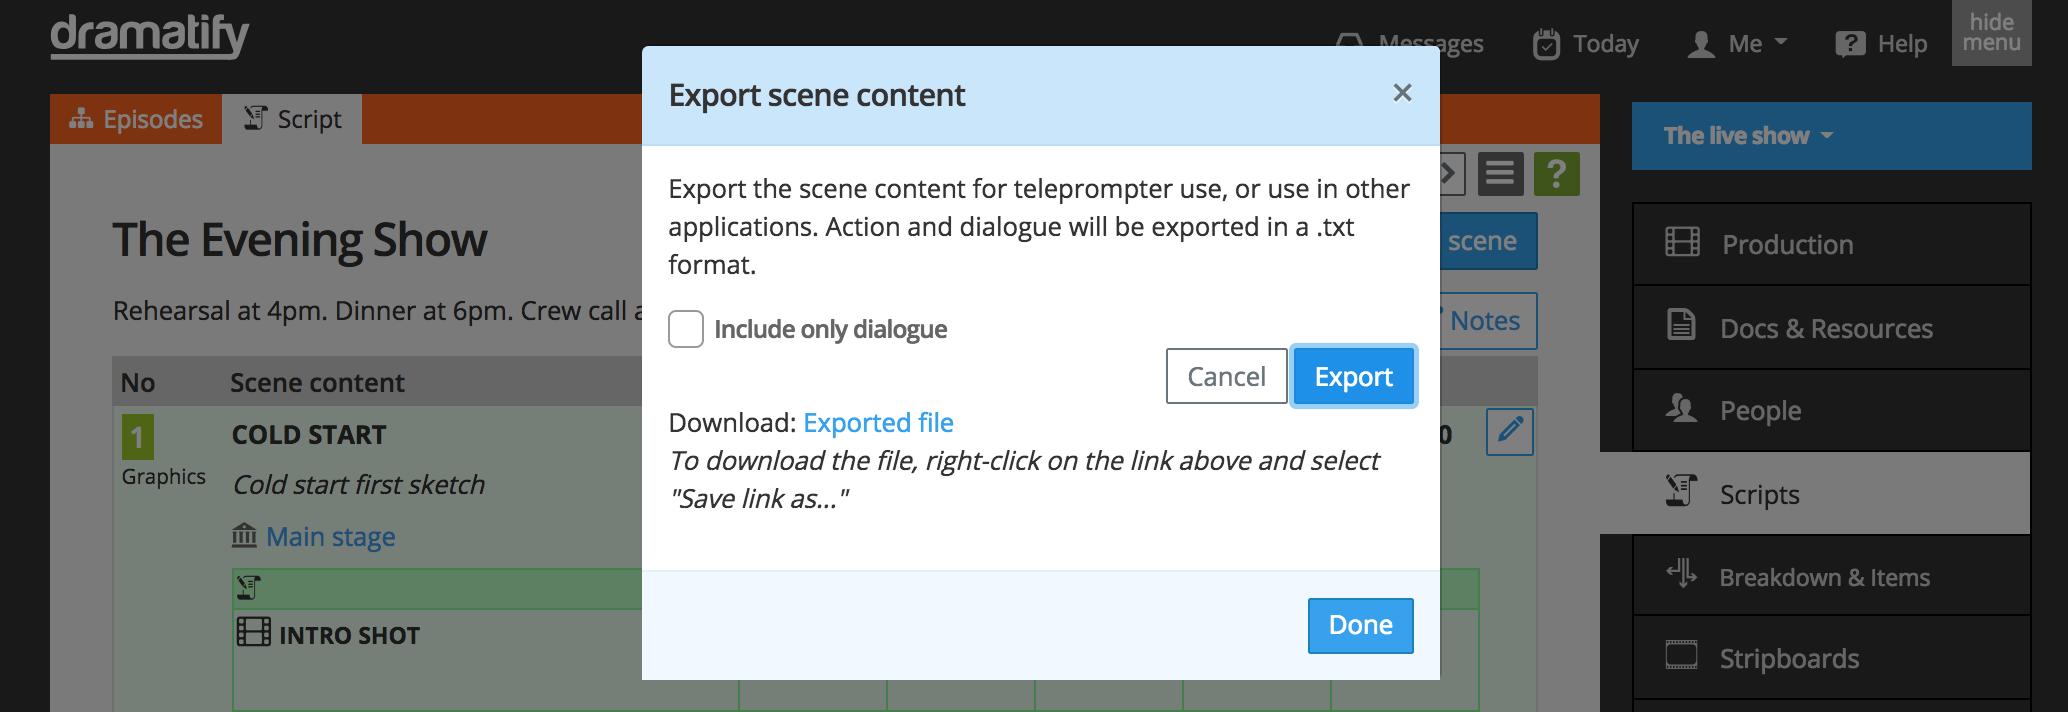 Copy / duplicate a scene - live/studio script